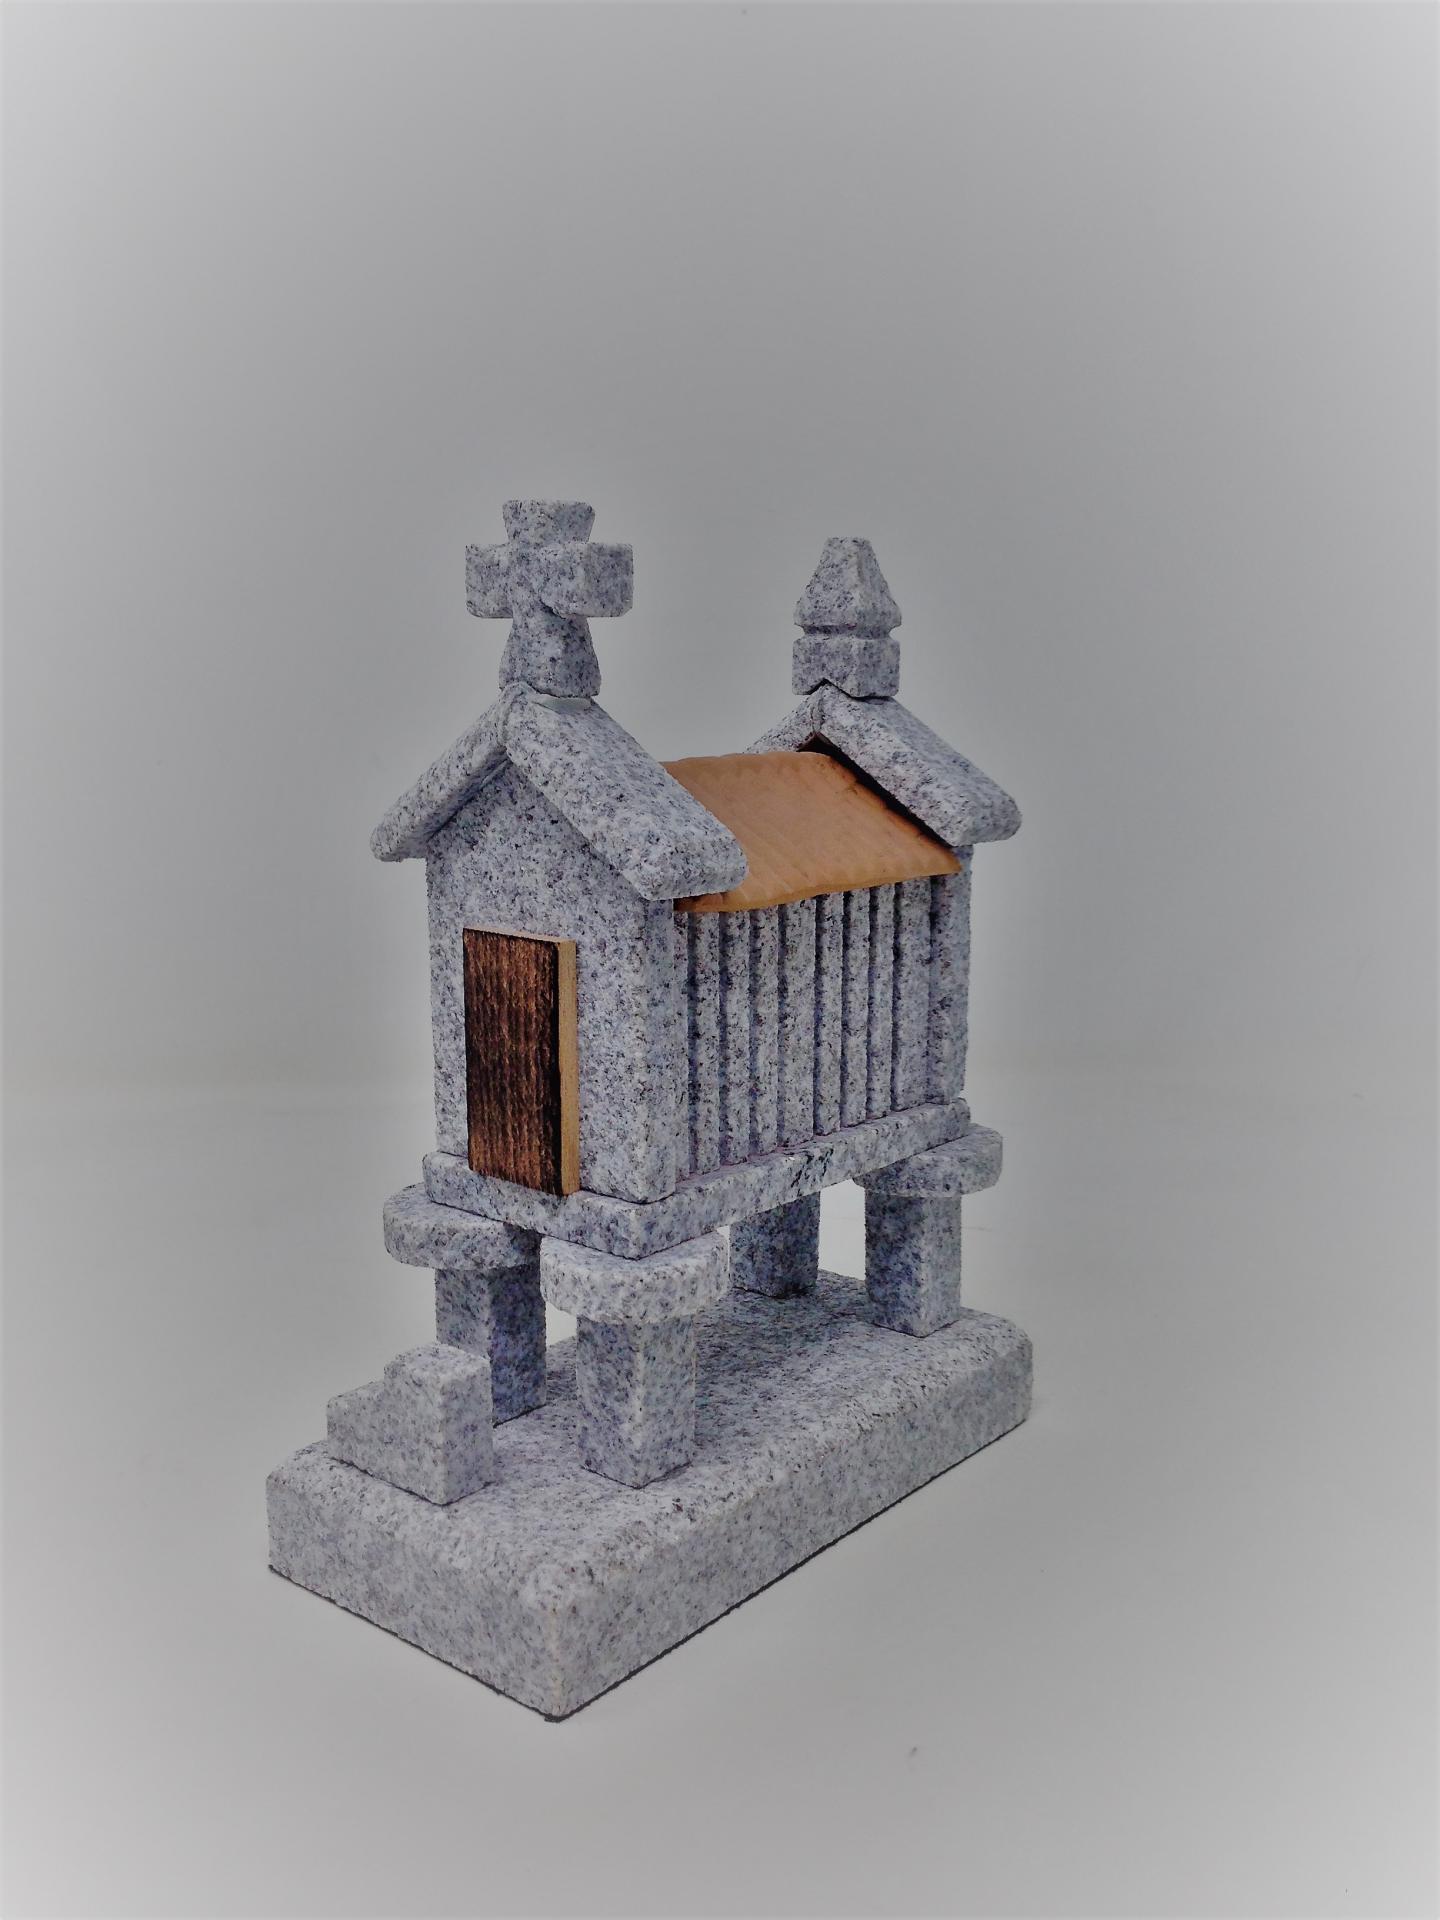 Hórreo de granito pequeño (4 pies)